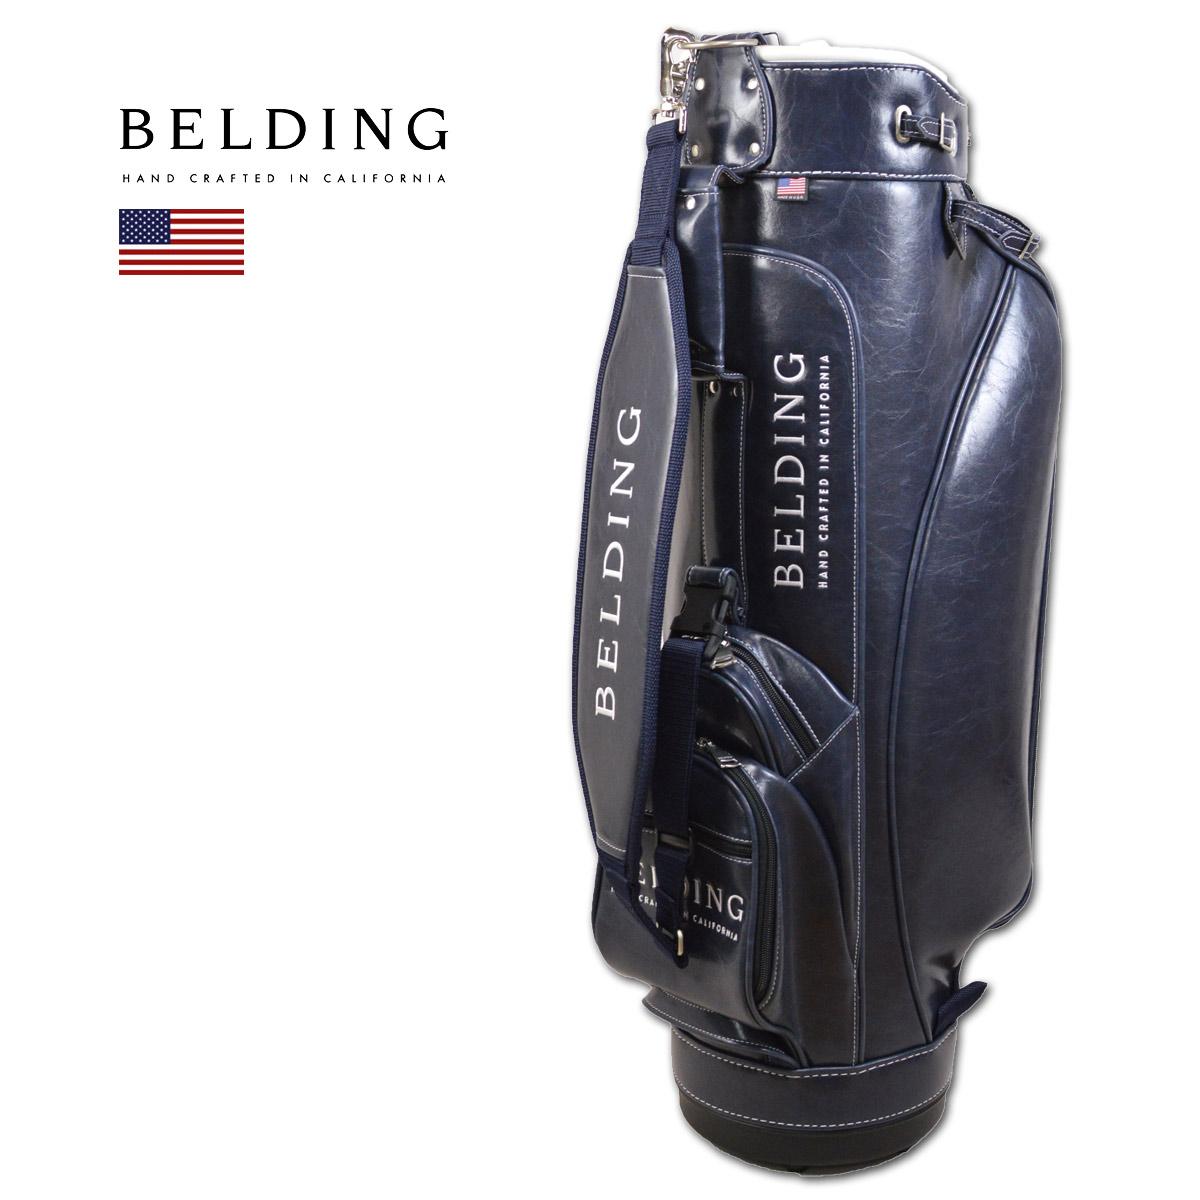 BELDING キャディバッグ メンズ 紺 自立式 hbcb850125【 あす楽 送料無料 】[ ベルディング ゴルフ 8.5インチ 6分割 マリーン・グレーズ MARINE GLAZE ゴルフバッグ かっこいい おしゃれ golf ネイビー 高級 レア 限定 キャディーバッグ ]